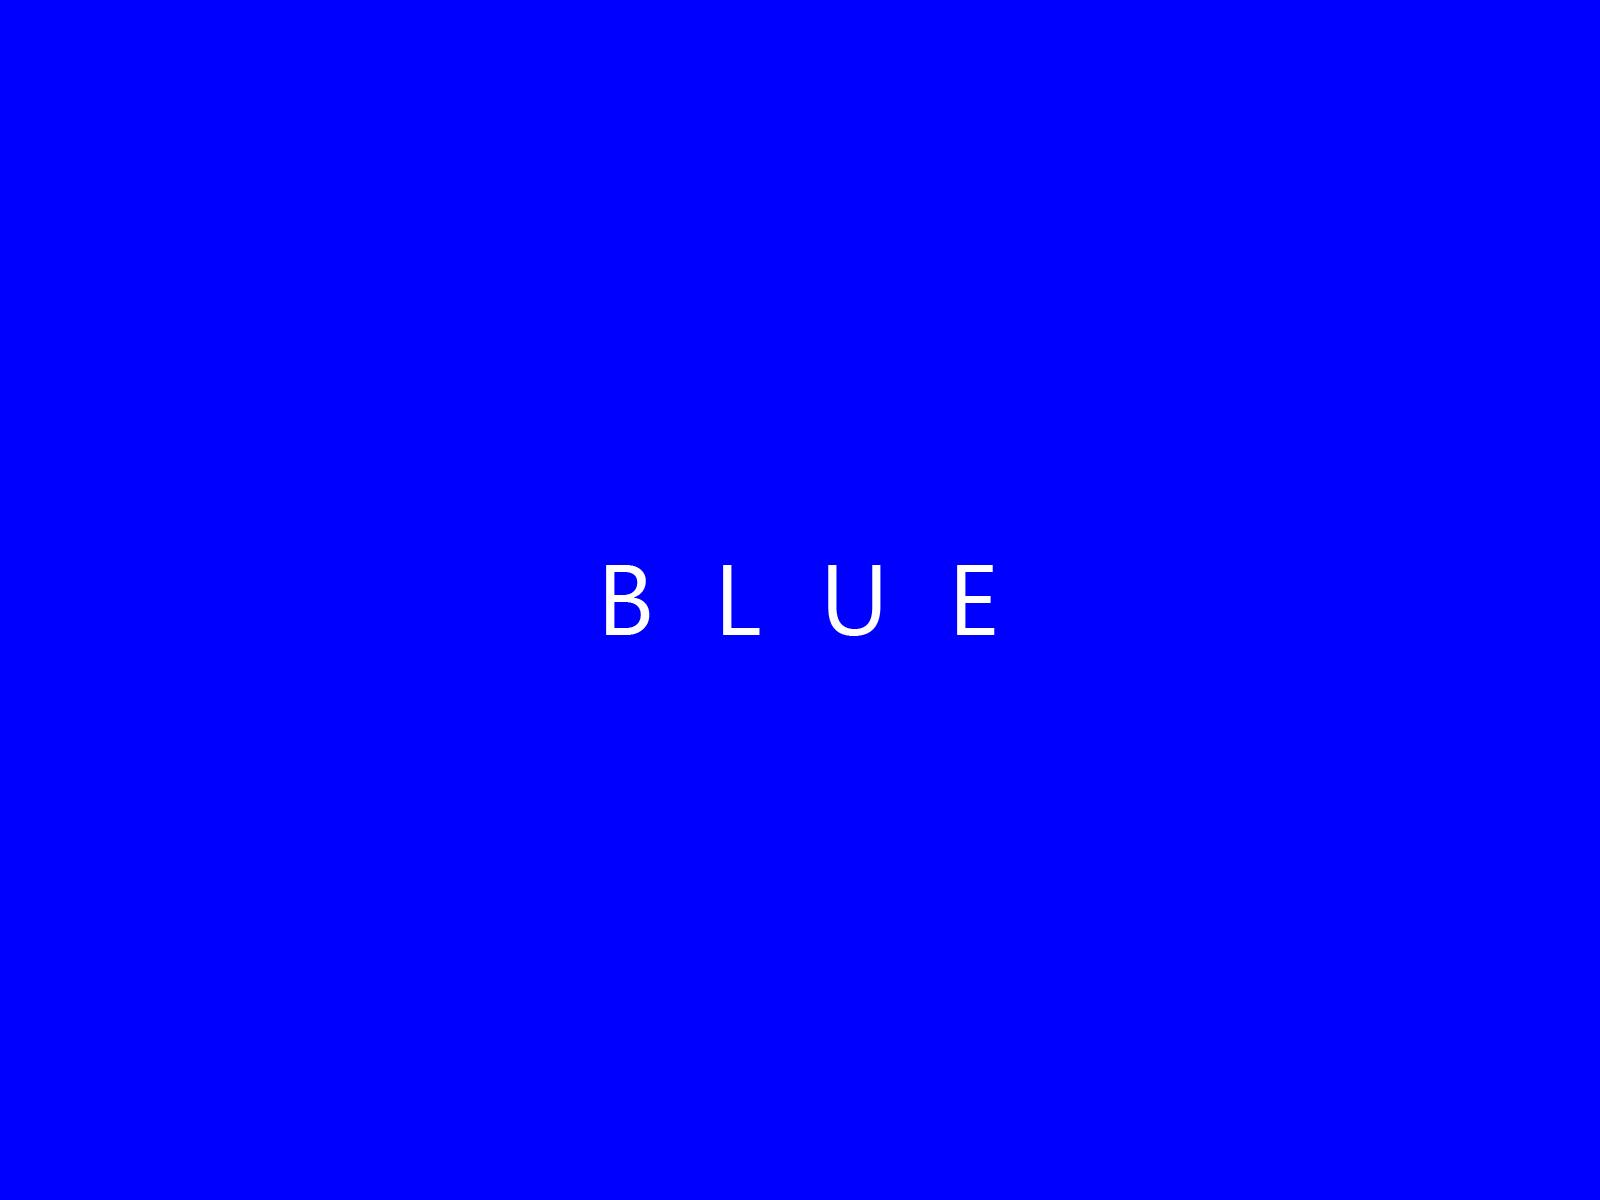 Blue color web trend.